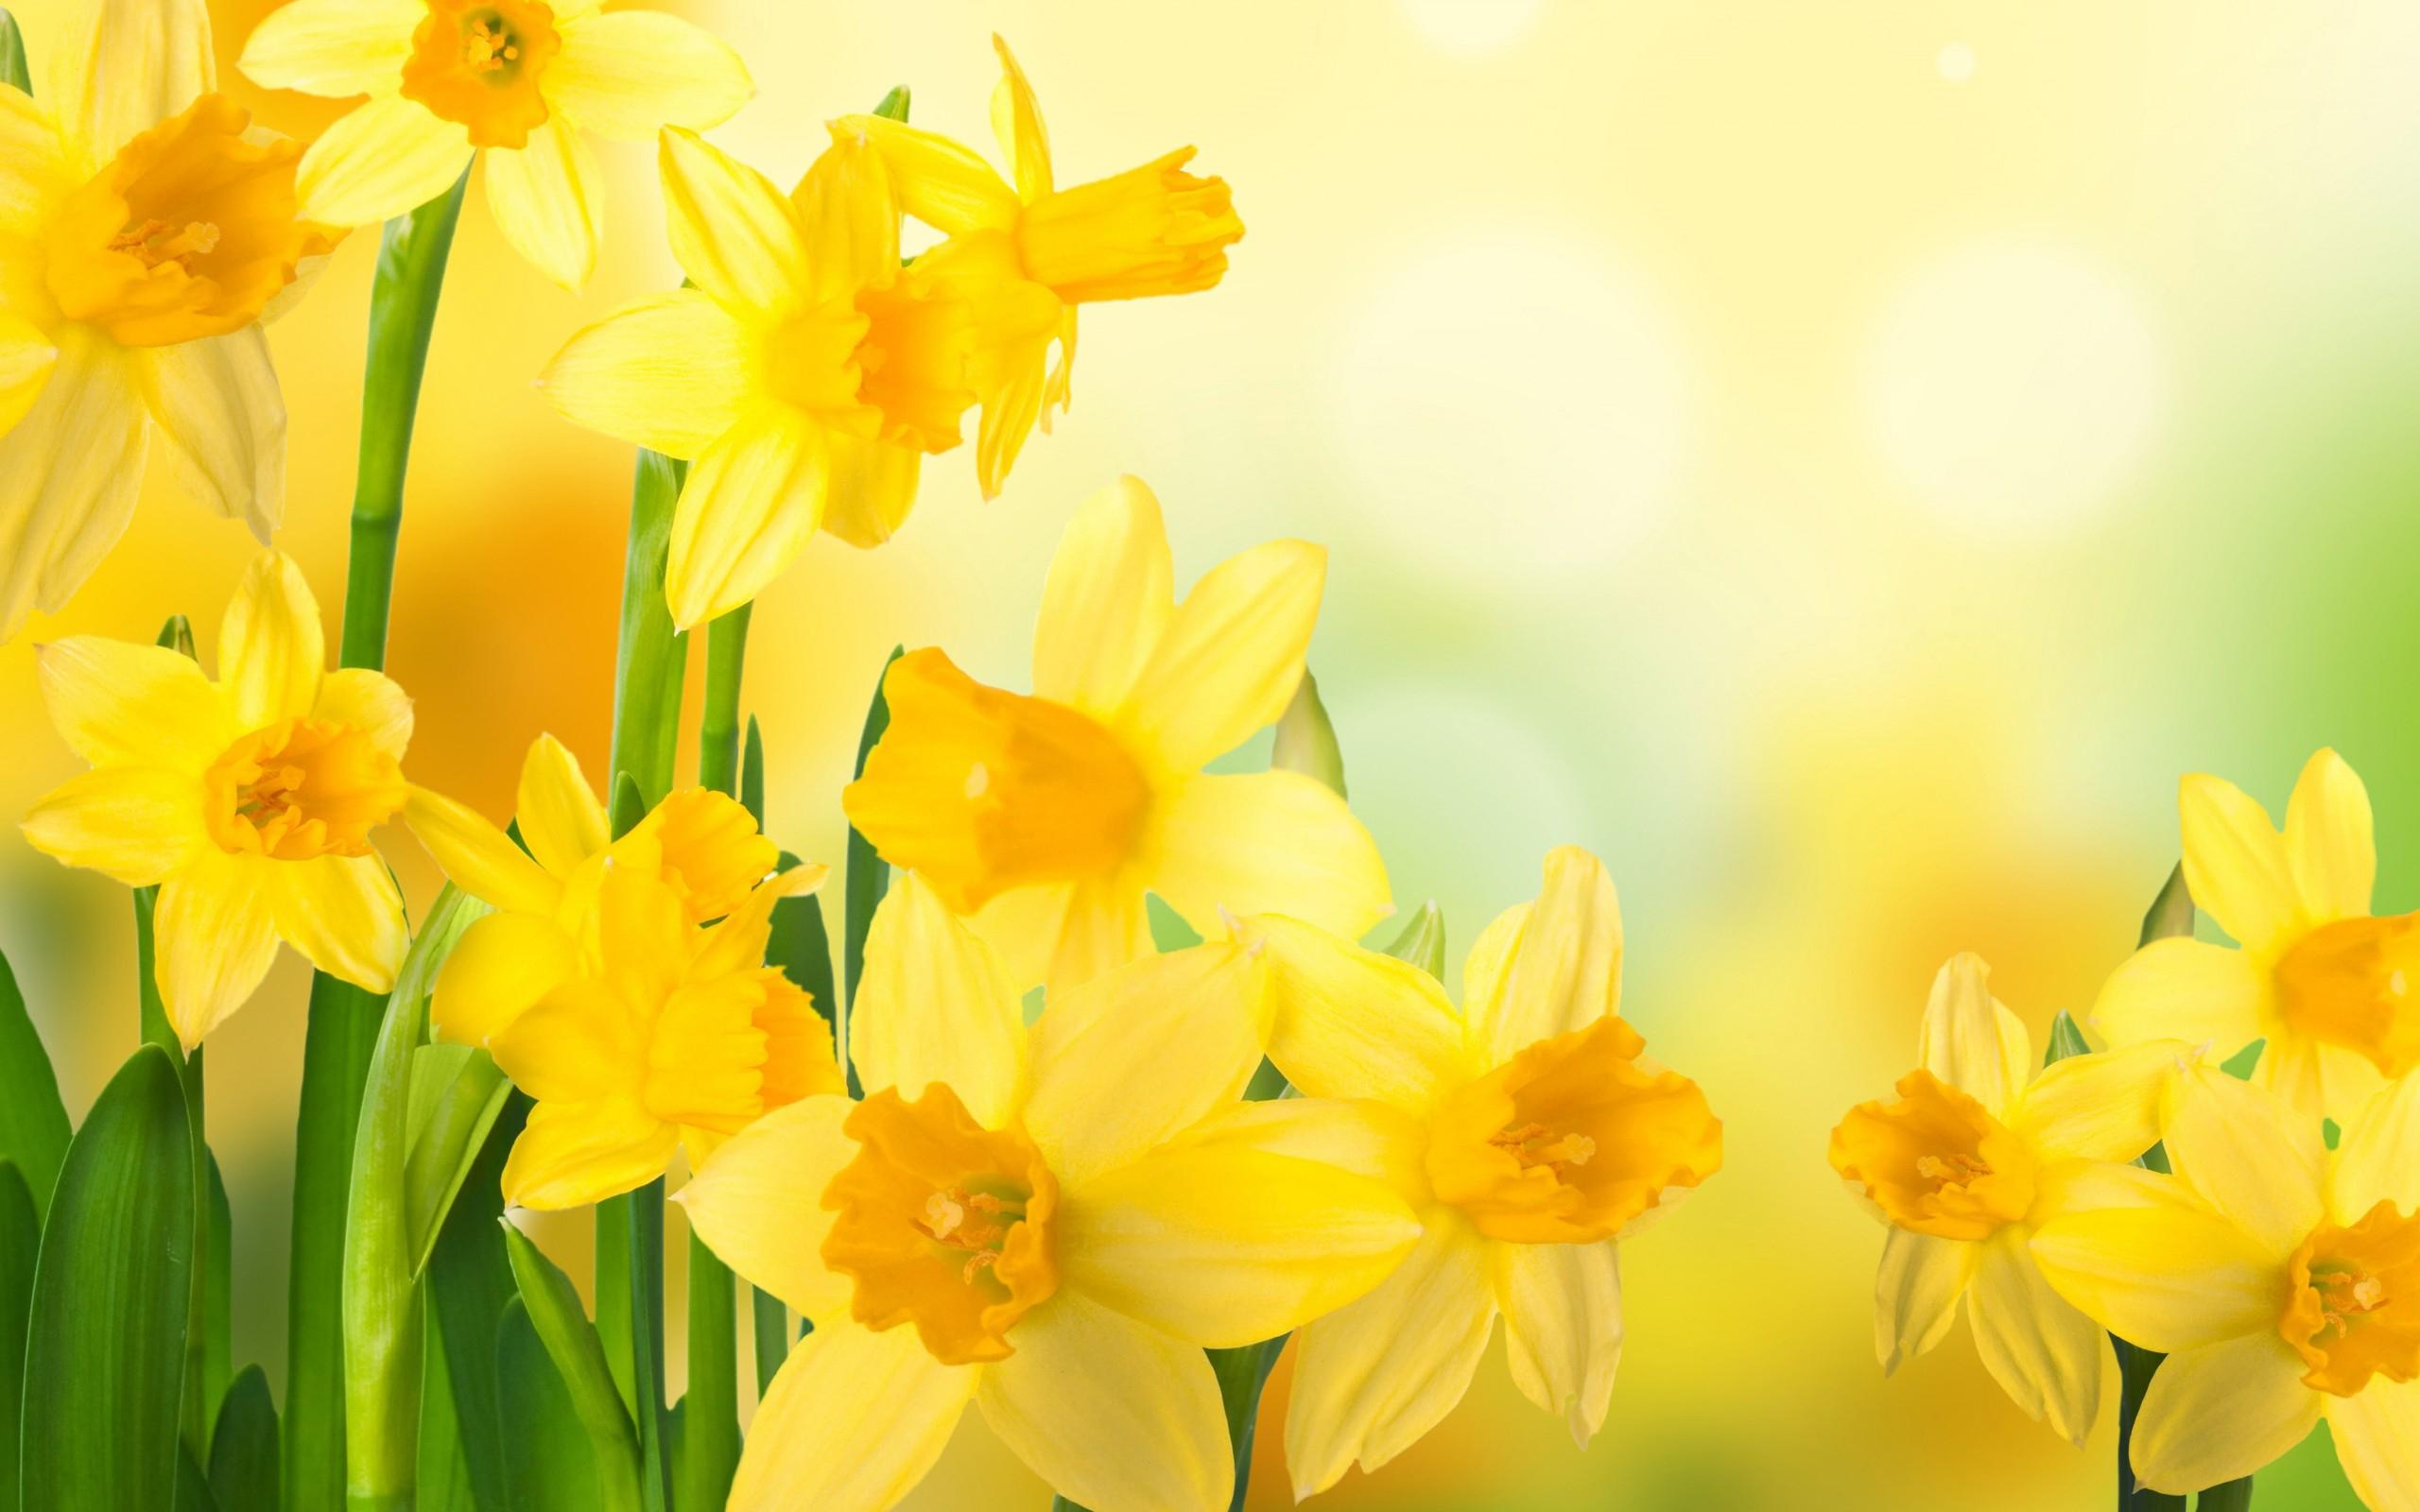 Дню, фон для поздравления желтый